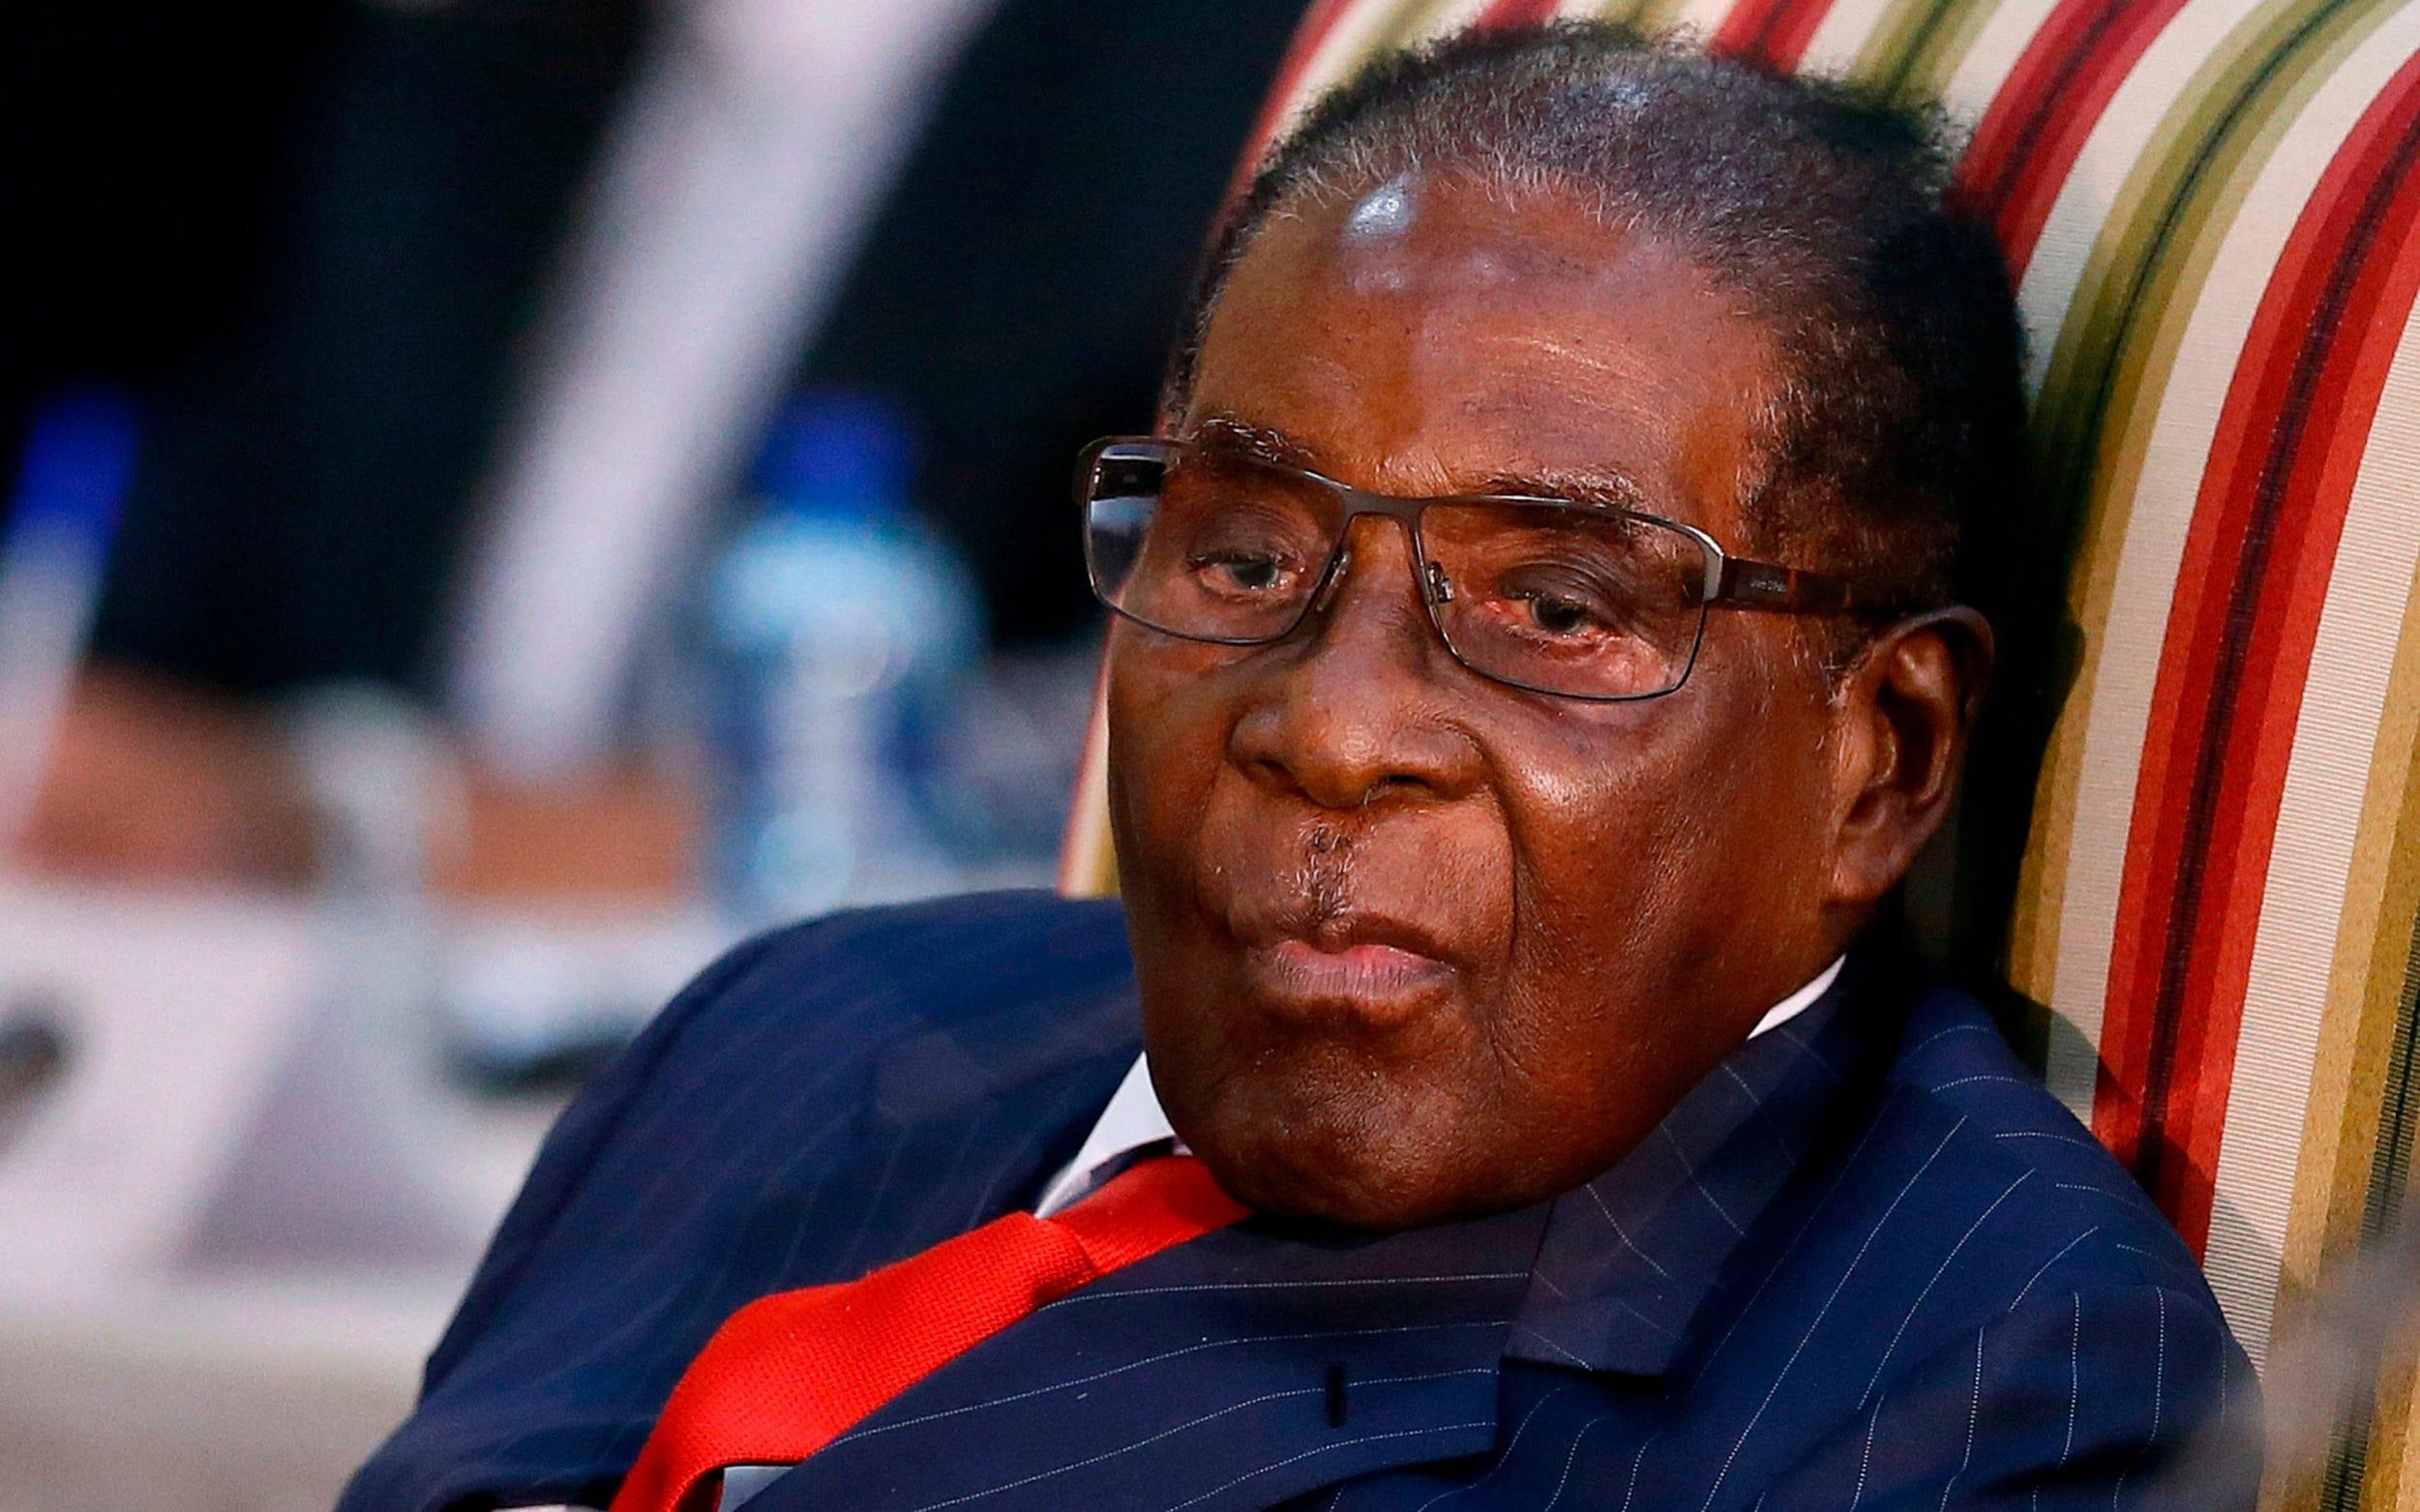 Robert Mugabe, former strongman of Zimbabwe, dies aged 95